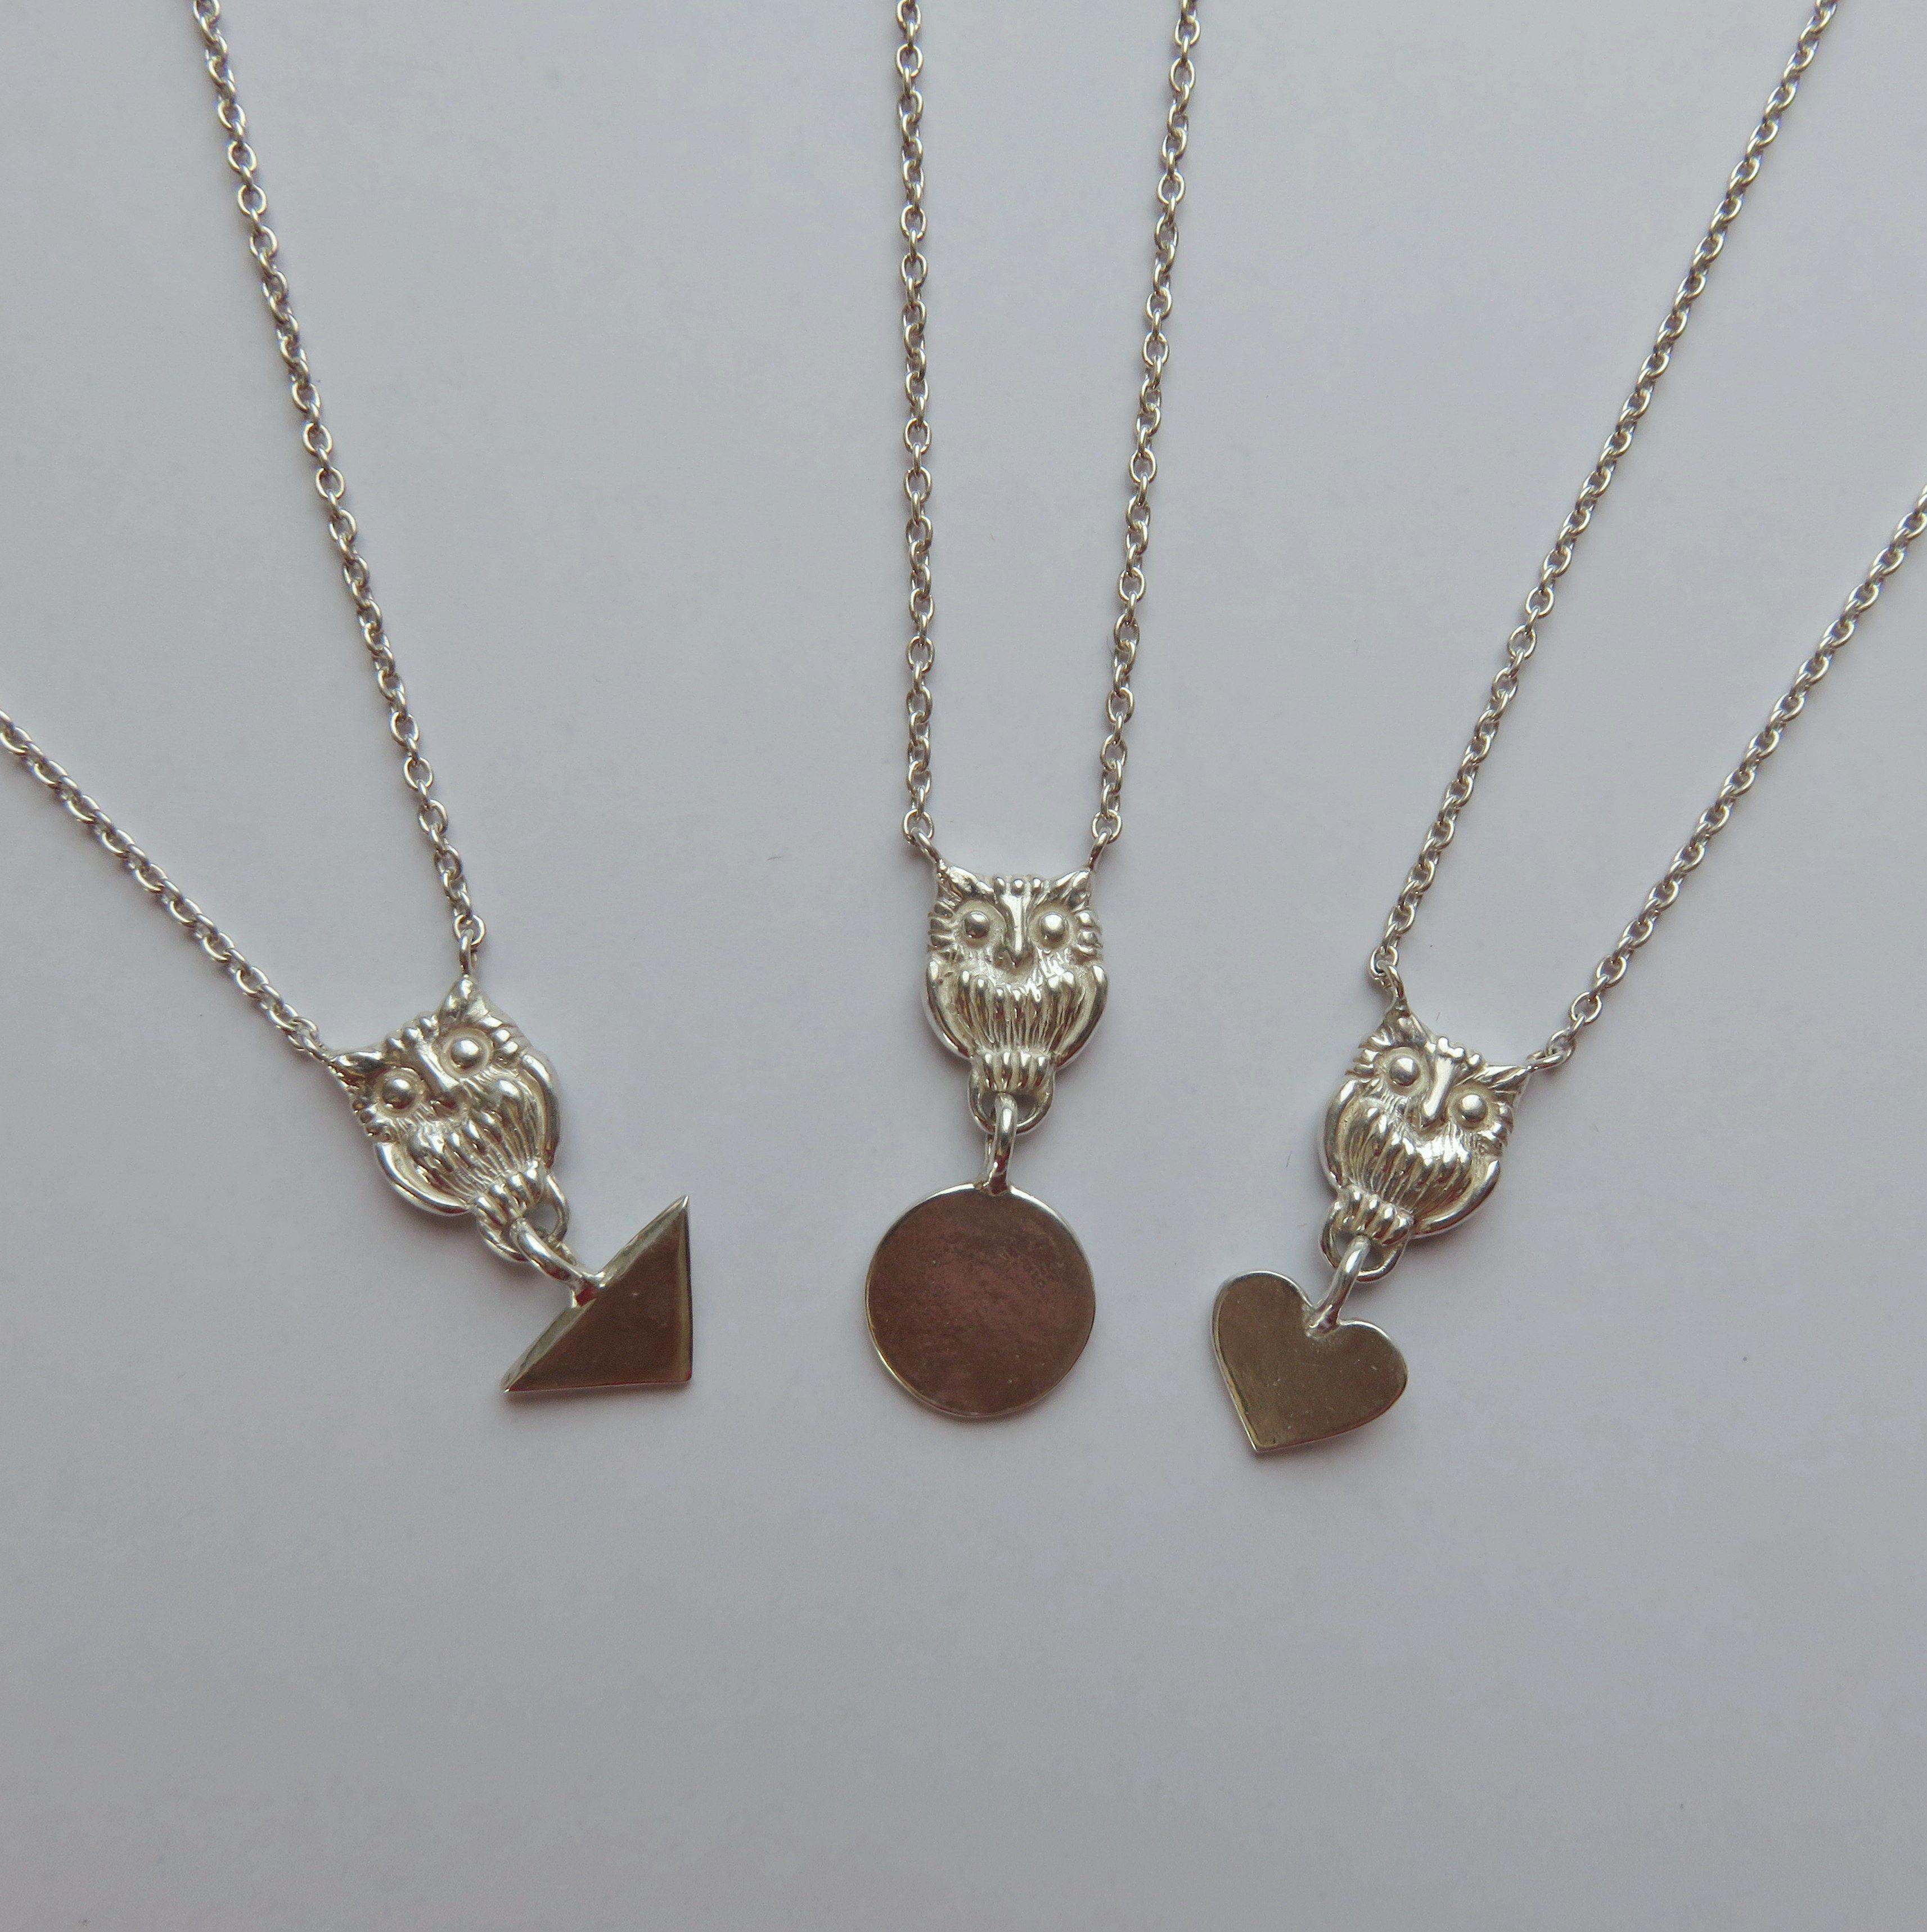 ふくろうネックレス with メッセージチャーム owl necklace